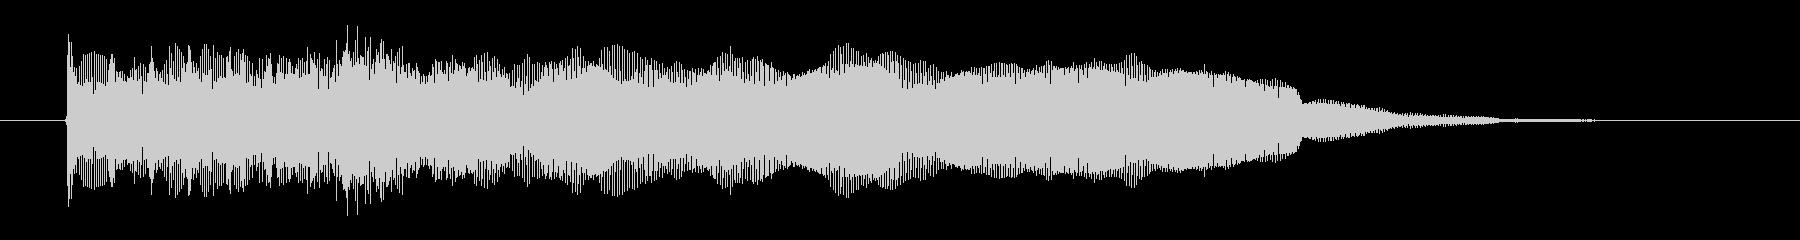 デデデデーン(ハードなギター音)の未再生の波形